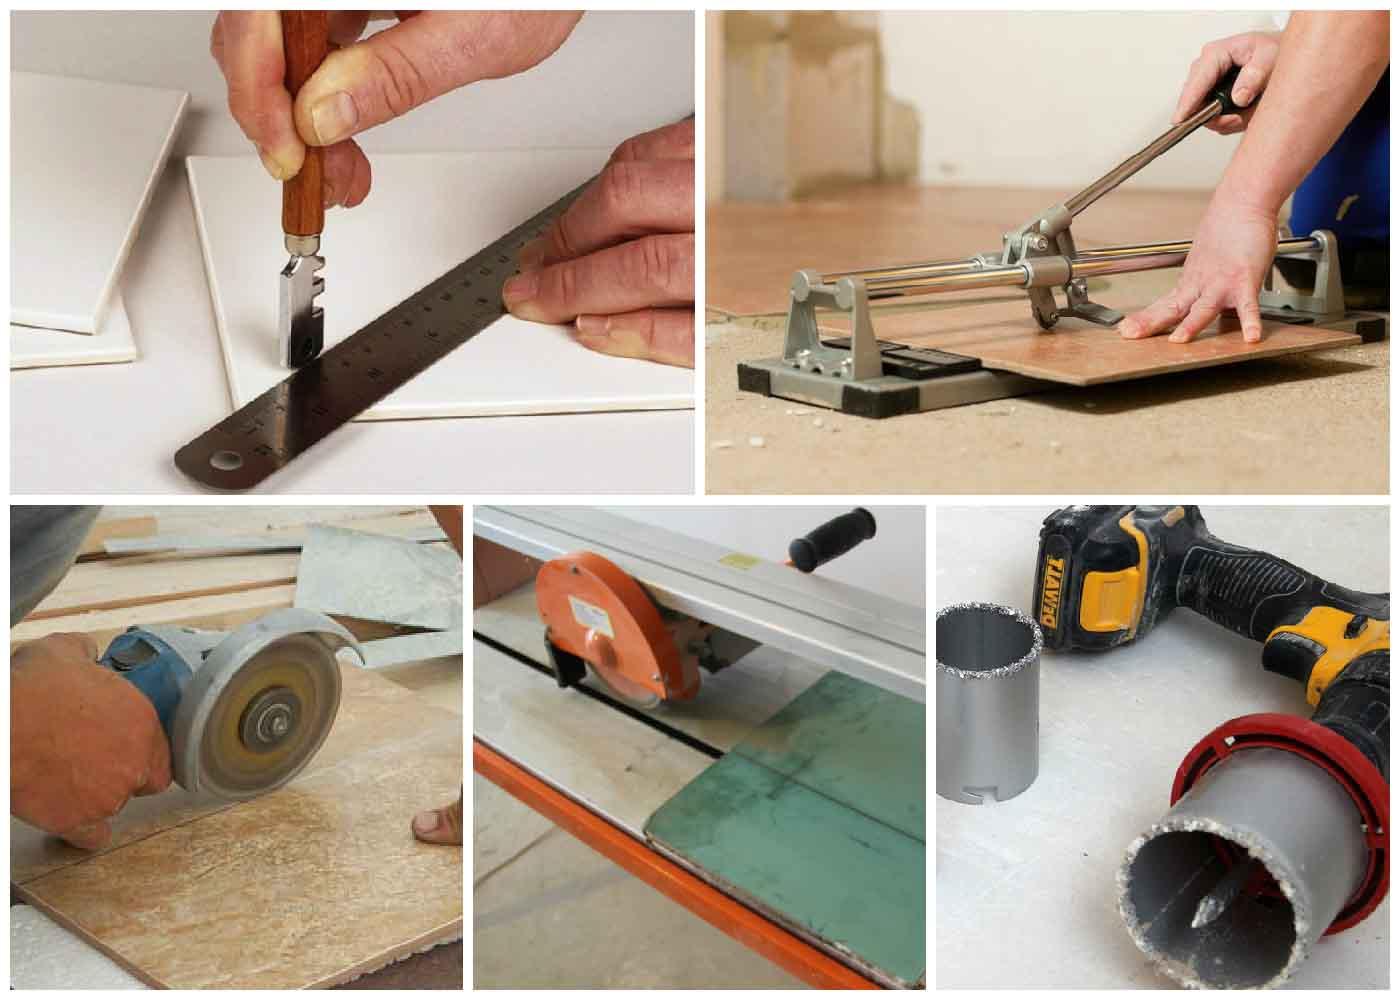 كيفية قطع البلاط مع قطع البلاط كيفية قطع بلاط السيراميك مع أداة يدوية ما يجب استخدامه لقطع إذا لم يكن هناك قطع البلاط